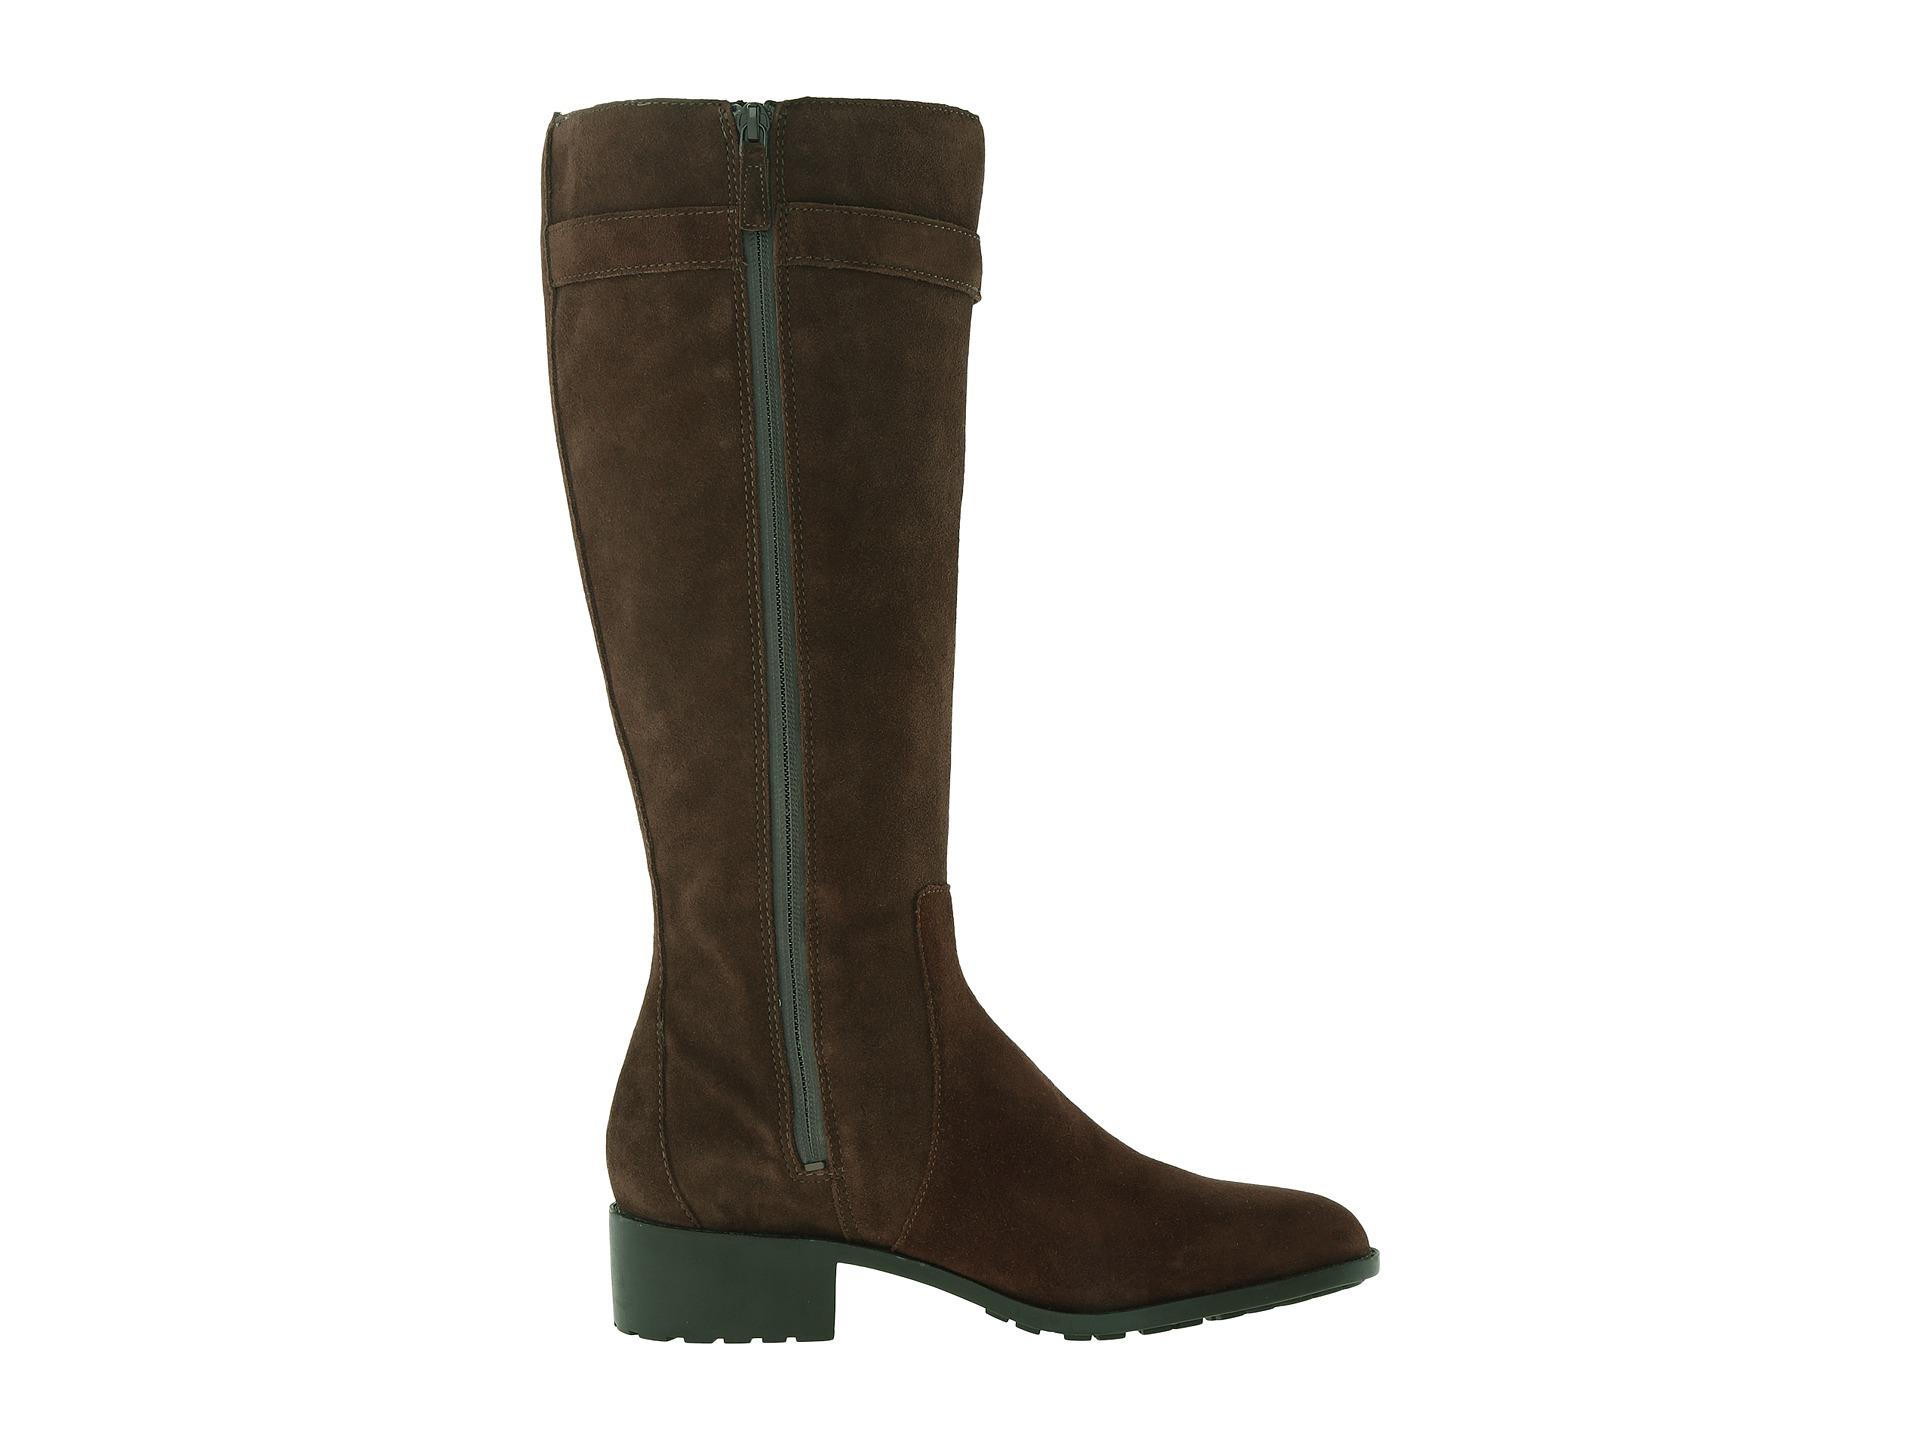 cole haan putnam waterproof boot in brown chestnut suede